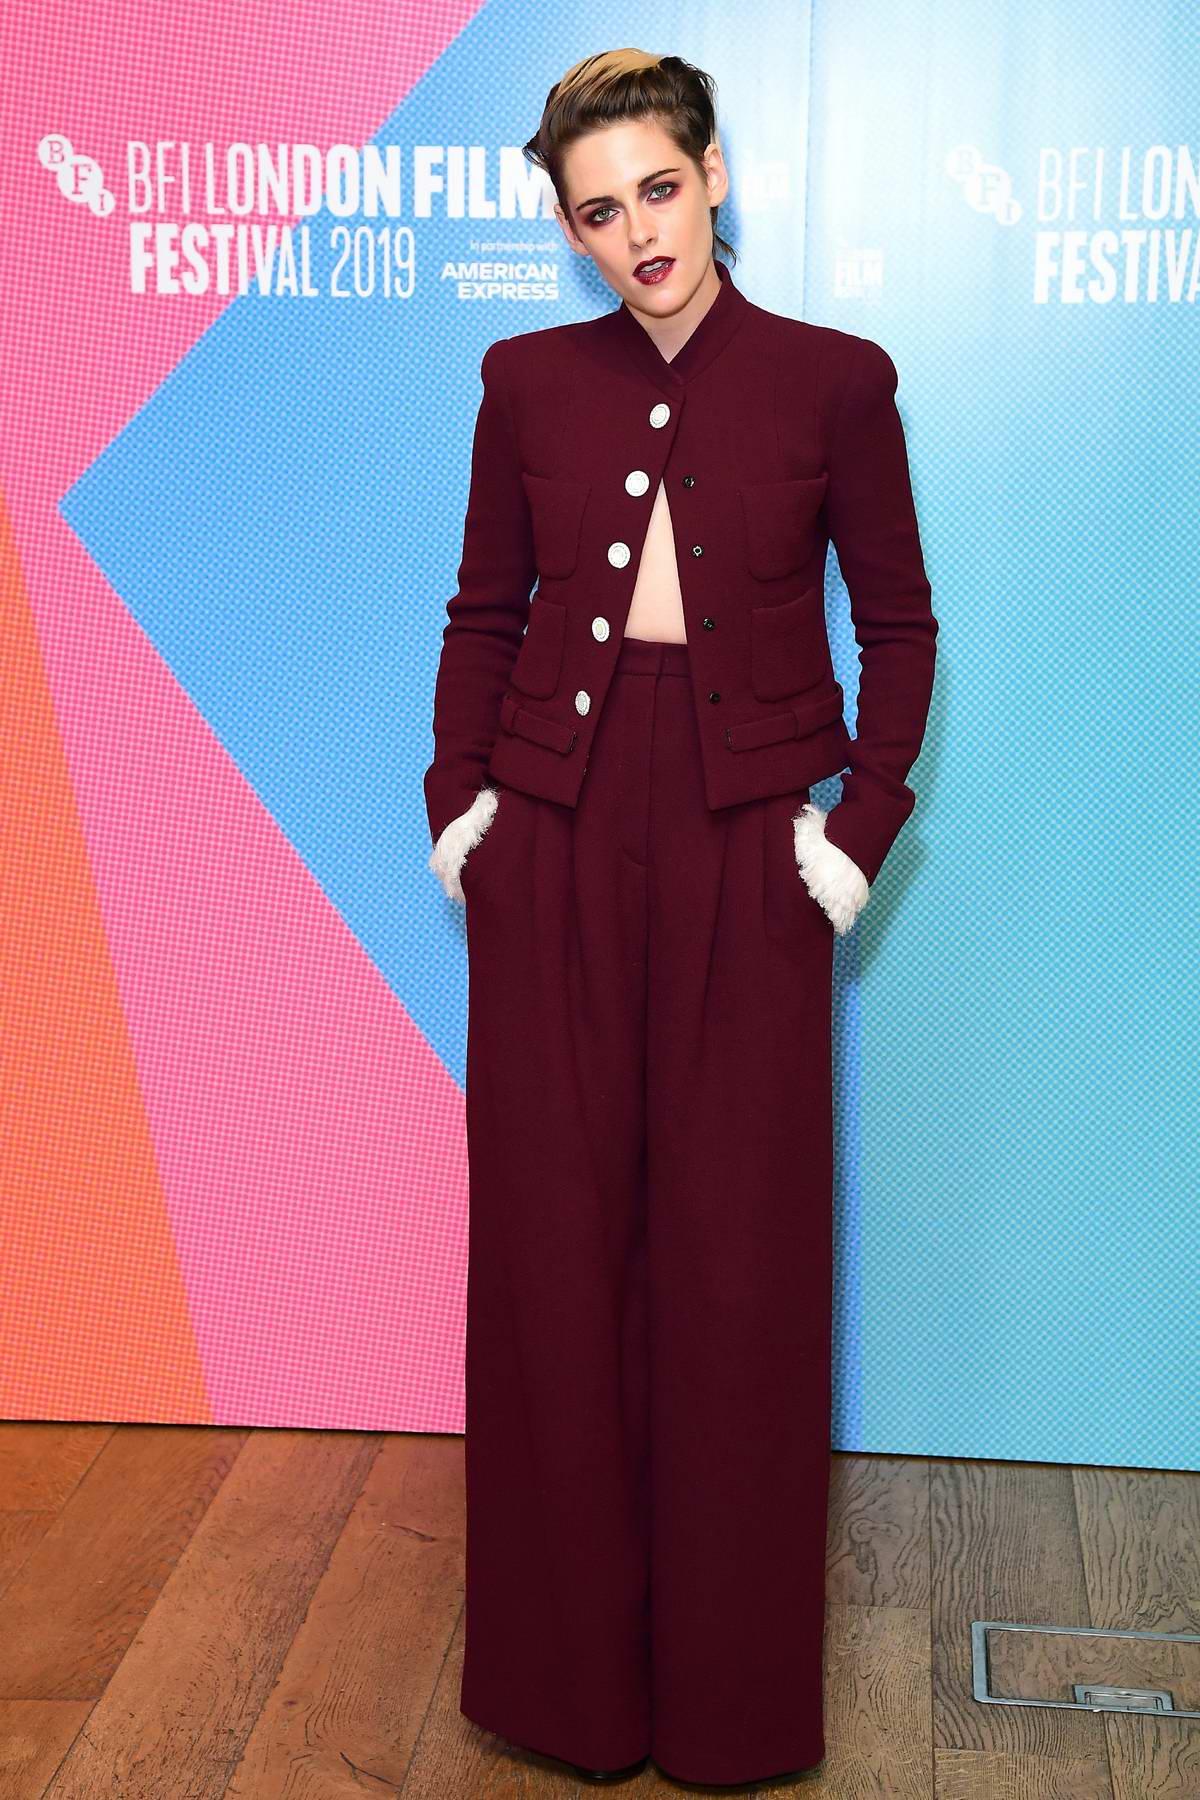 Kristen Stewart attends the UK premiere of 'Seberg' during BFI London Film Festival in London, UK